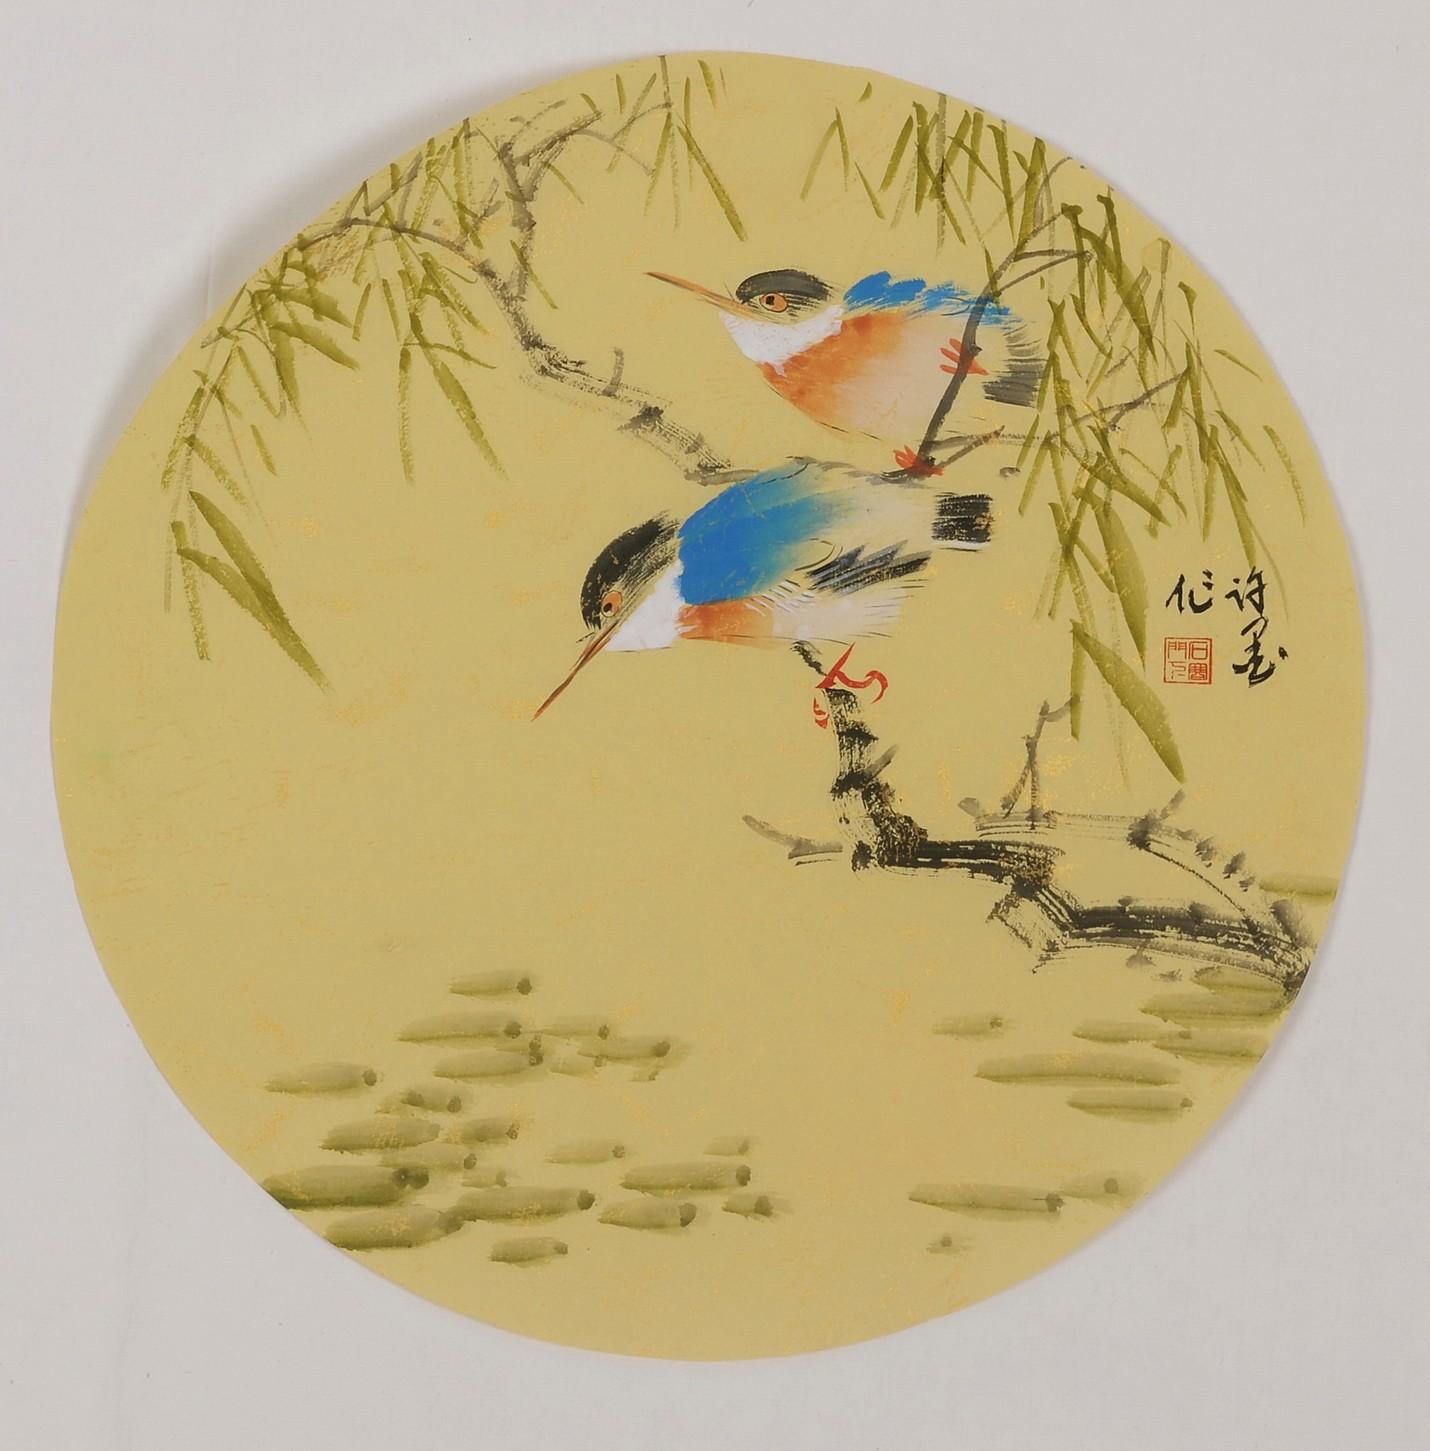 Willow - CNAG001803